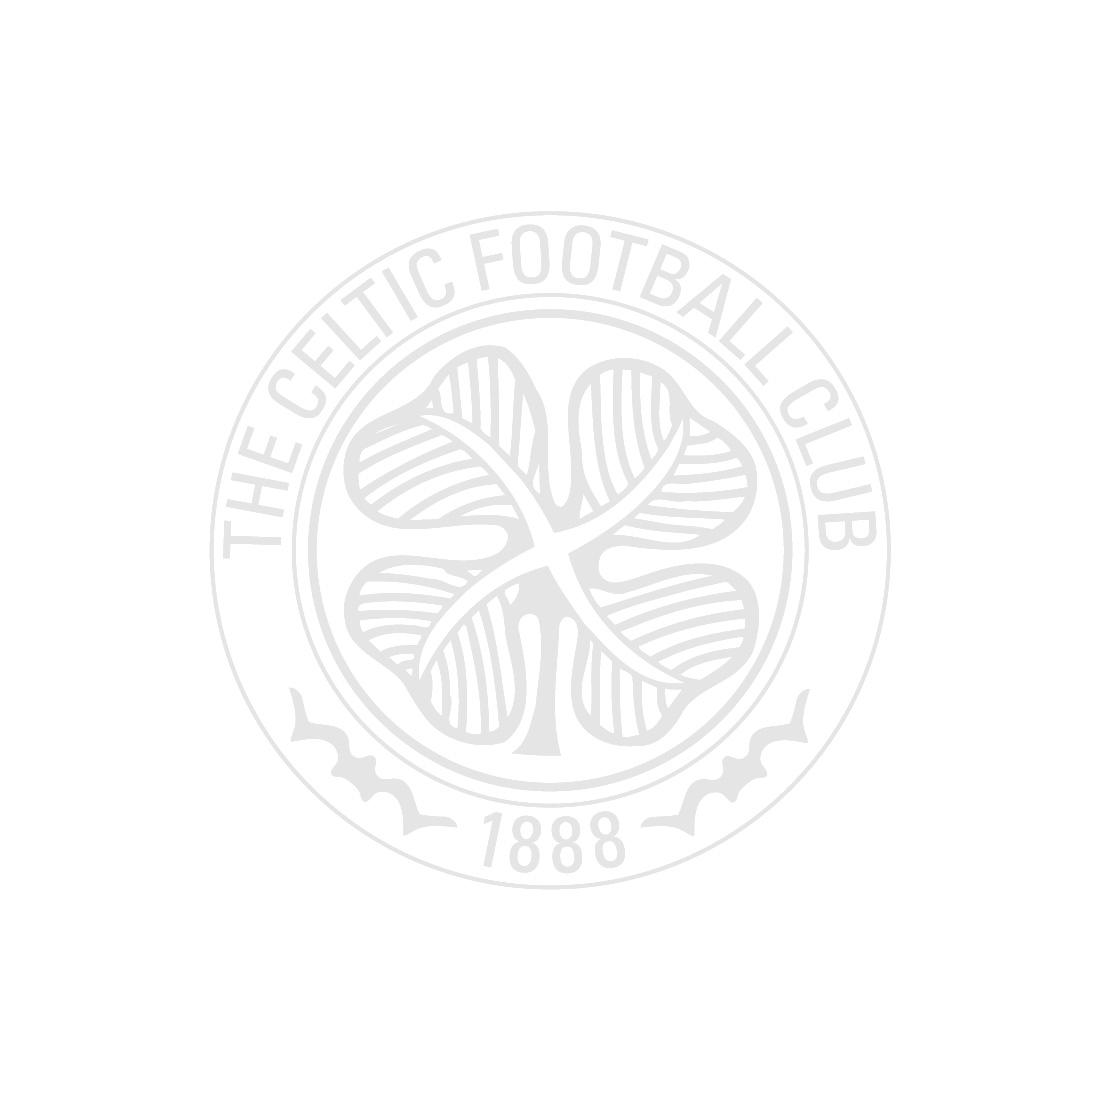 Celtic Crest Textured Skills Football